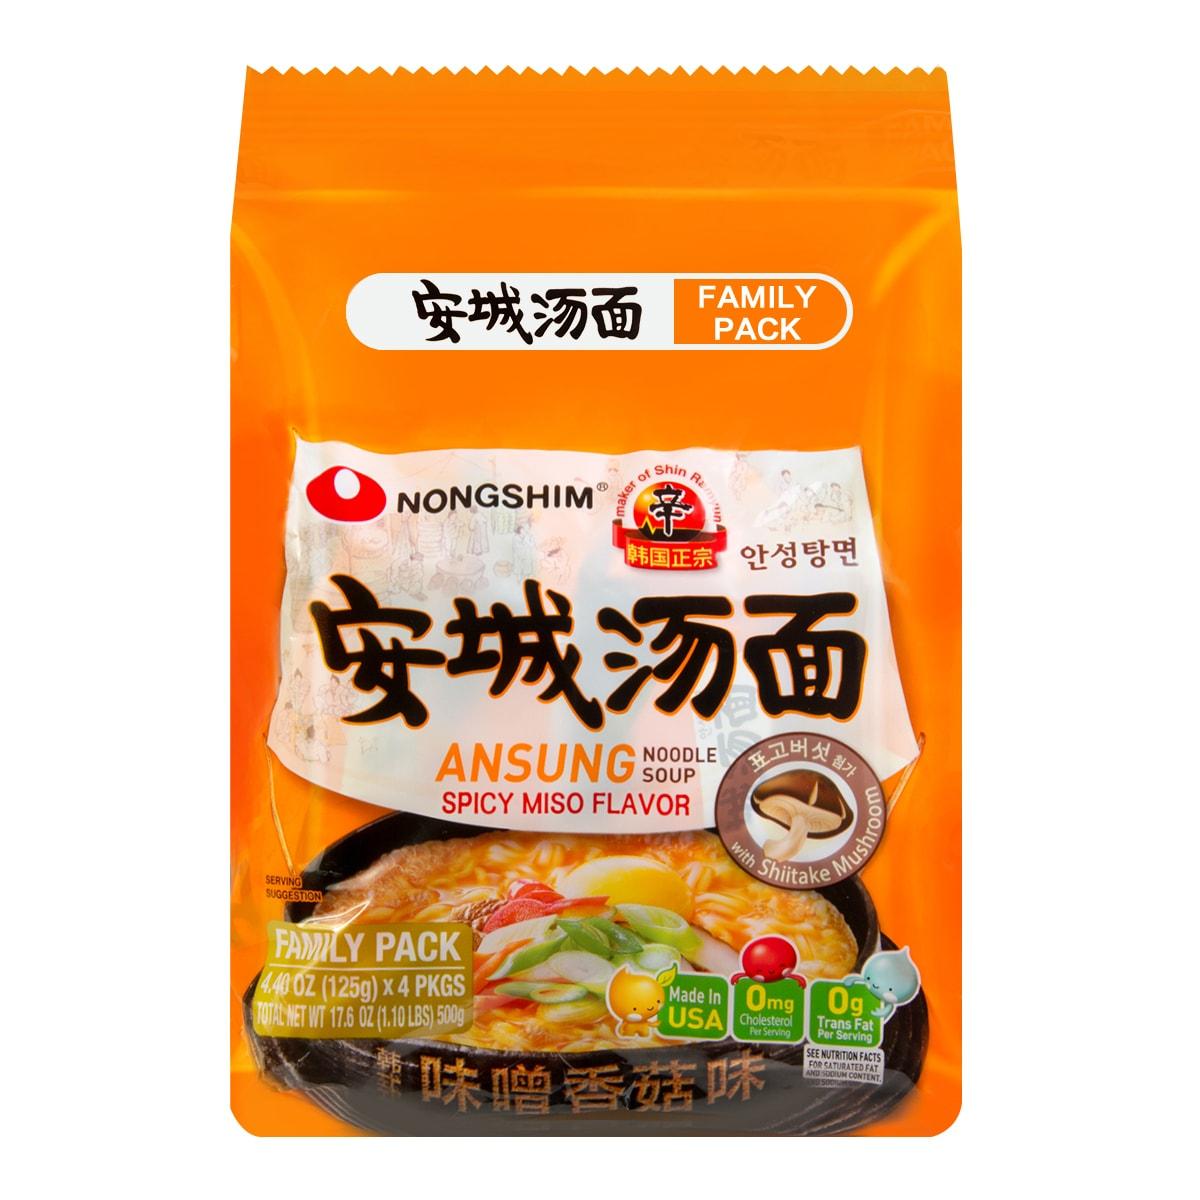 韩国NONGSHIM农心 浓鲜微辣安城汤面 4包入 500g